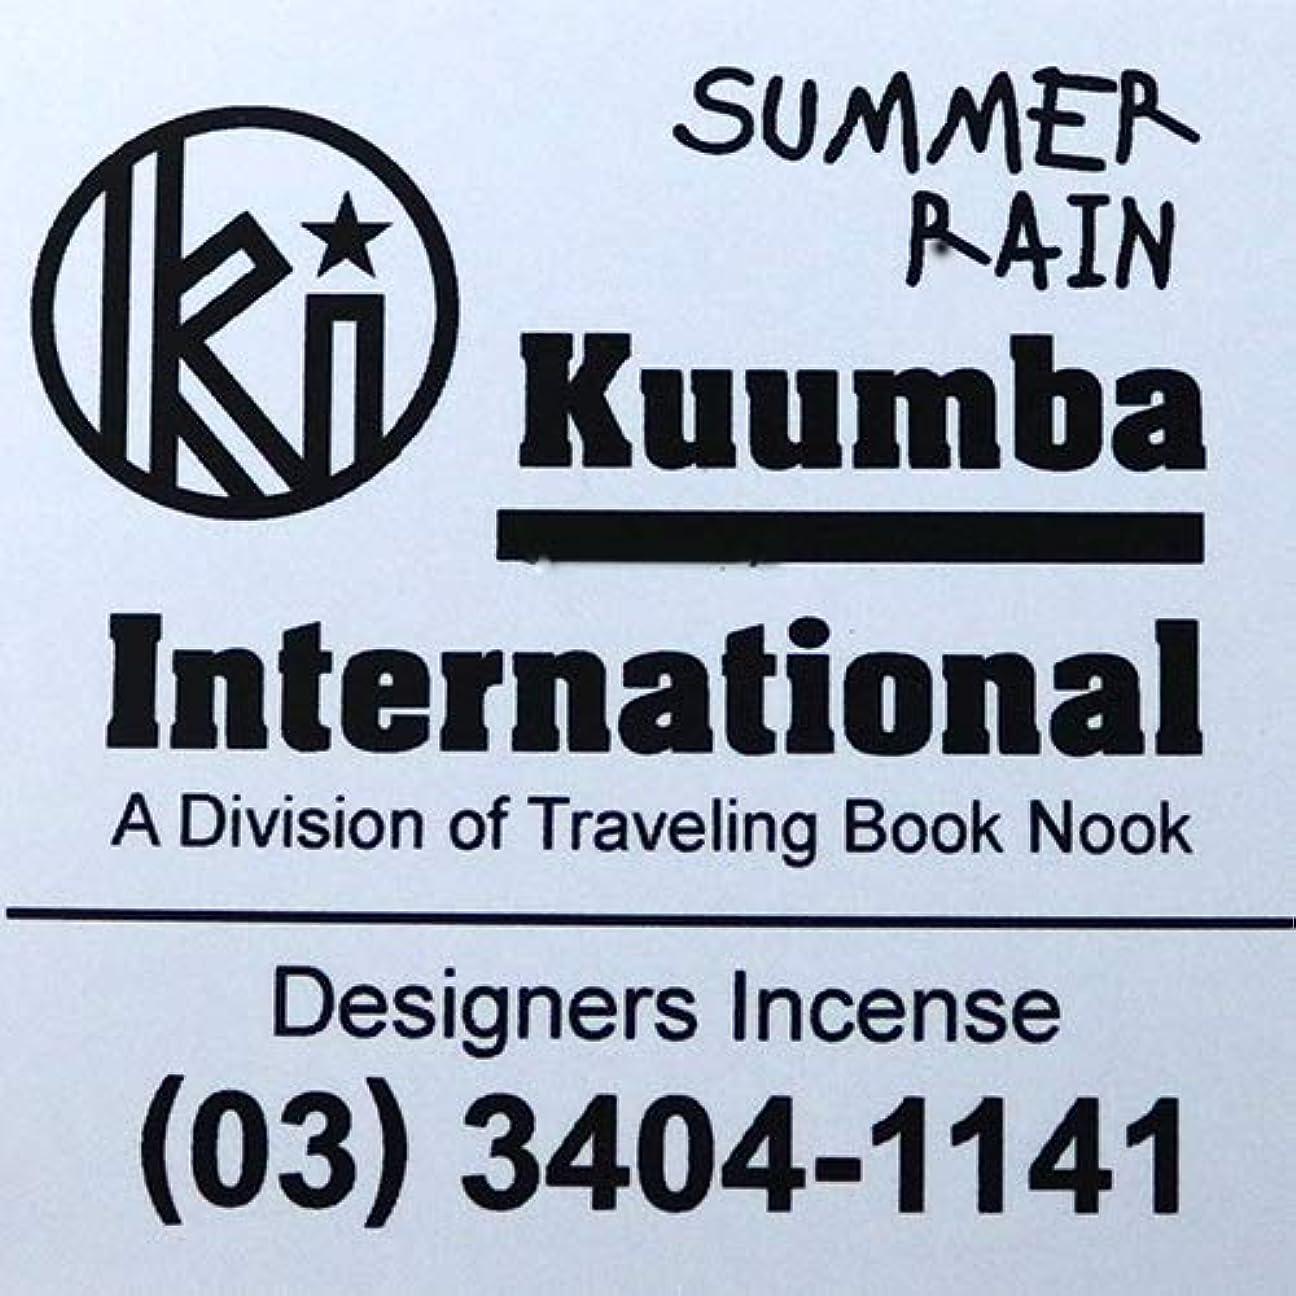 怖がらせるセイはさておき民主党(クンバ) KUUMBA『incense』(SUMMER RAIN) (SUMMER RAIN, Regular size)